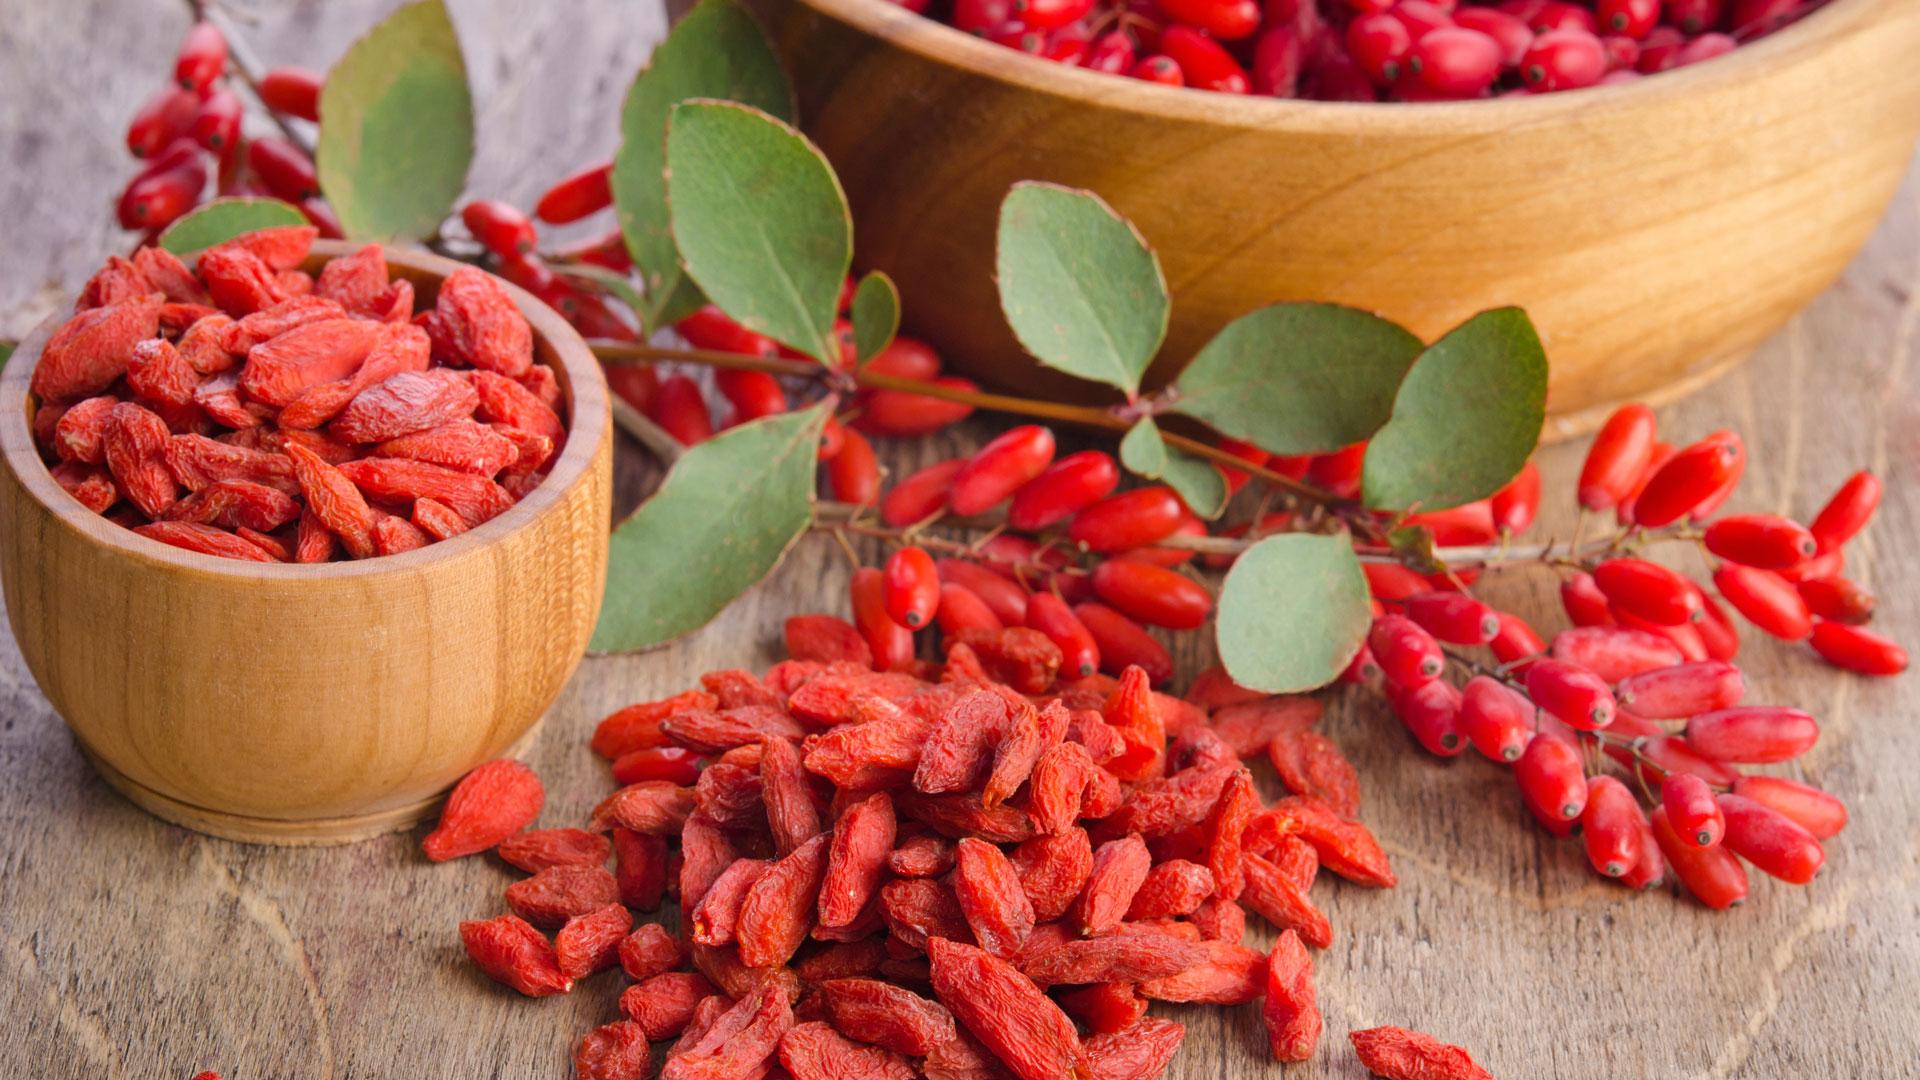 Как выглядят ягоды годжи фото